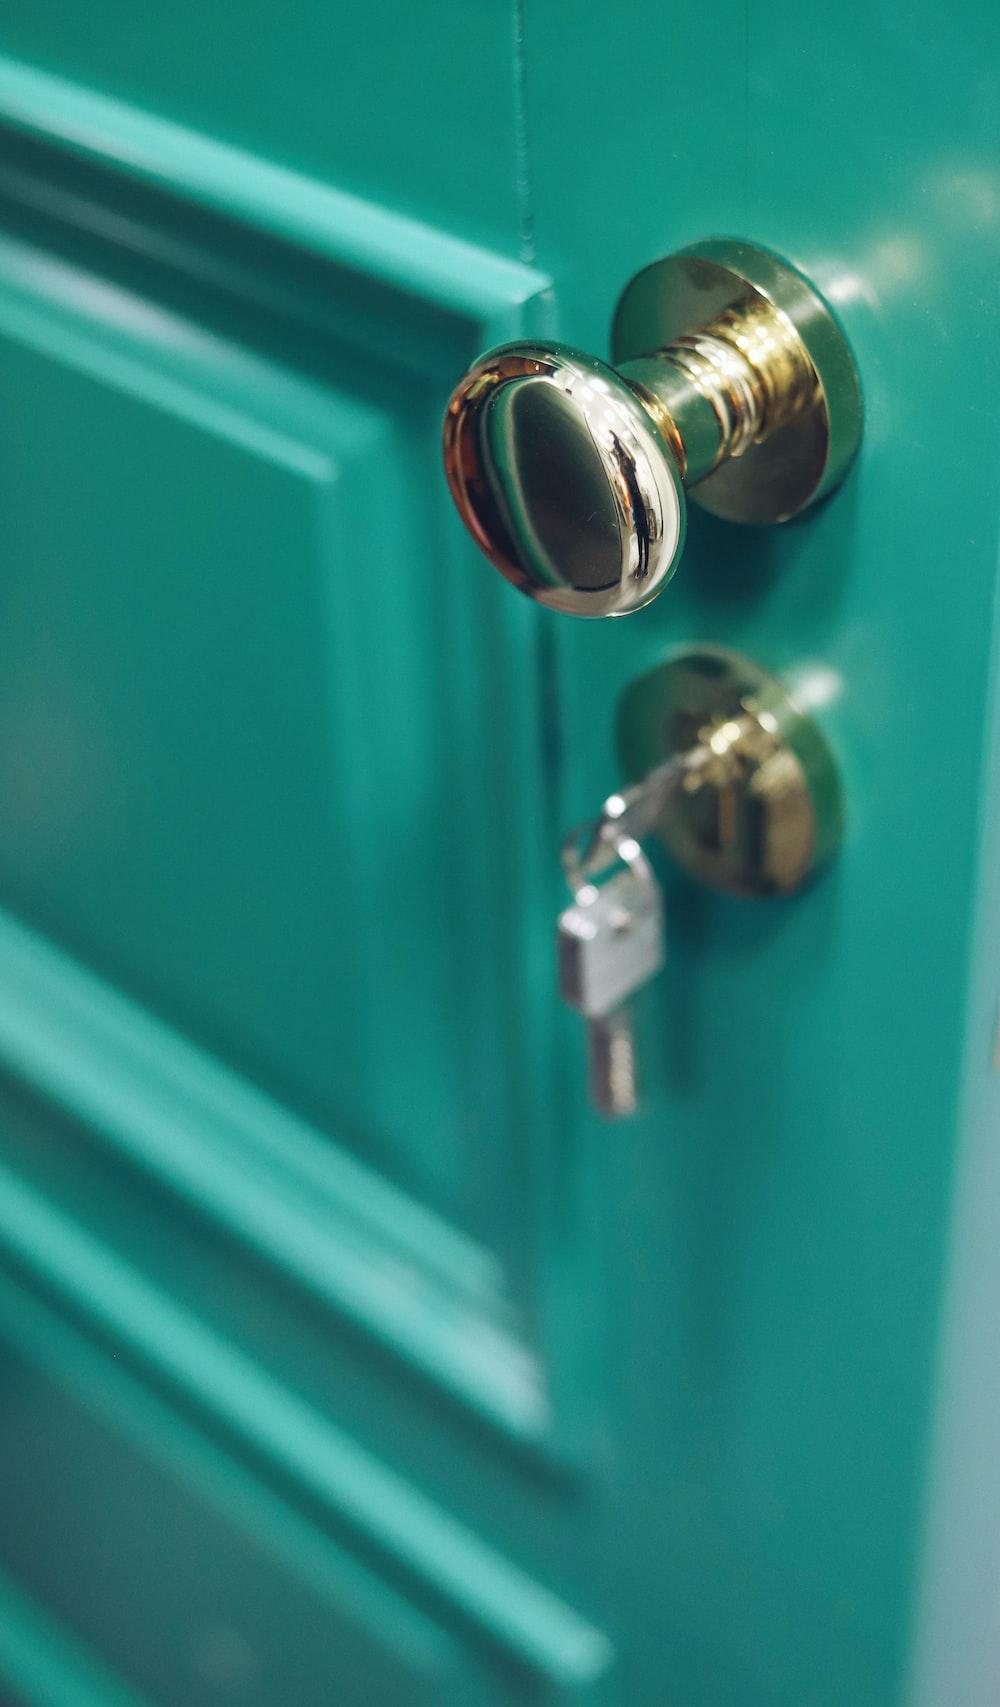 door knob with key